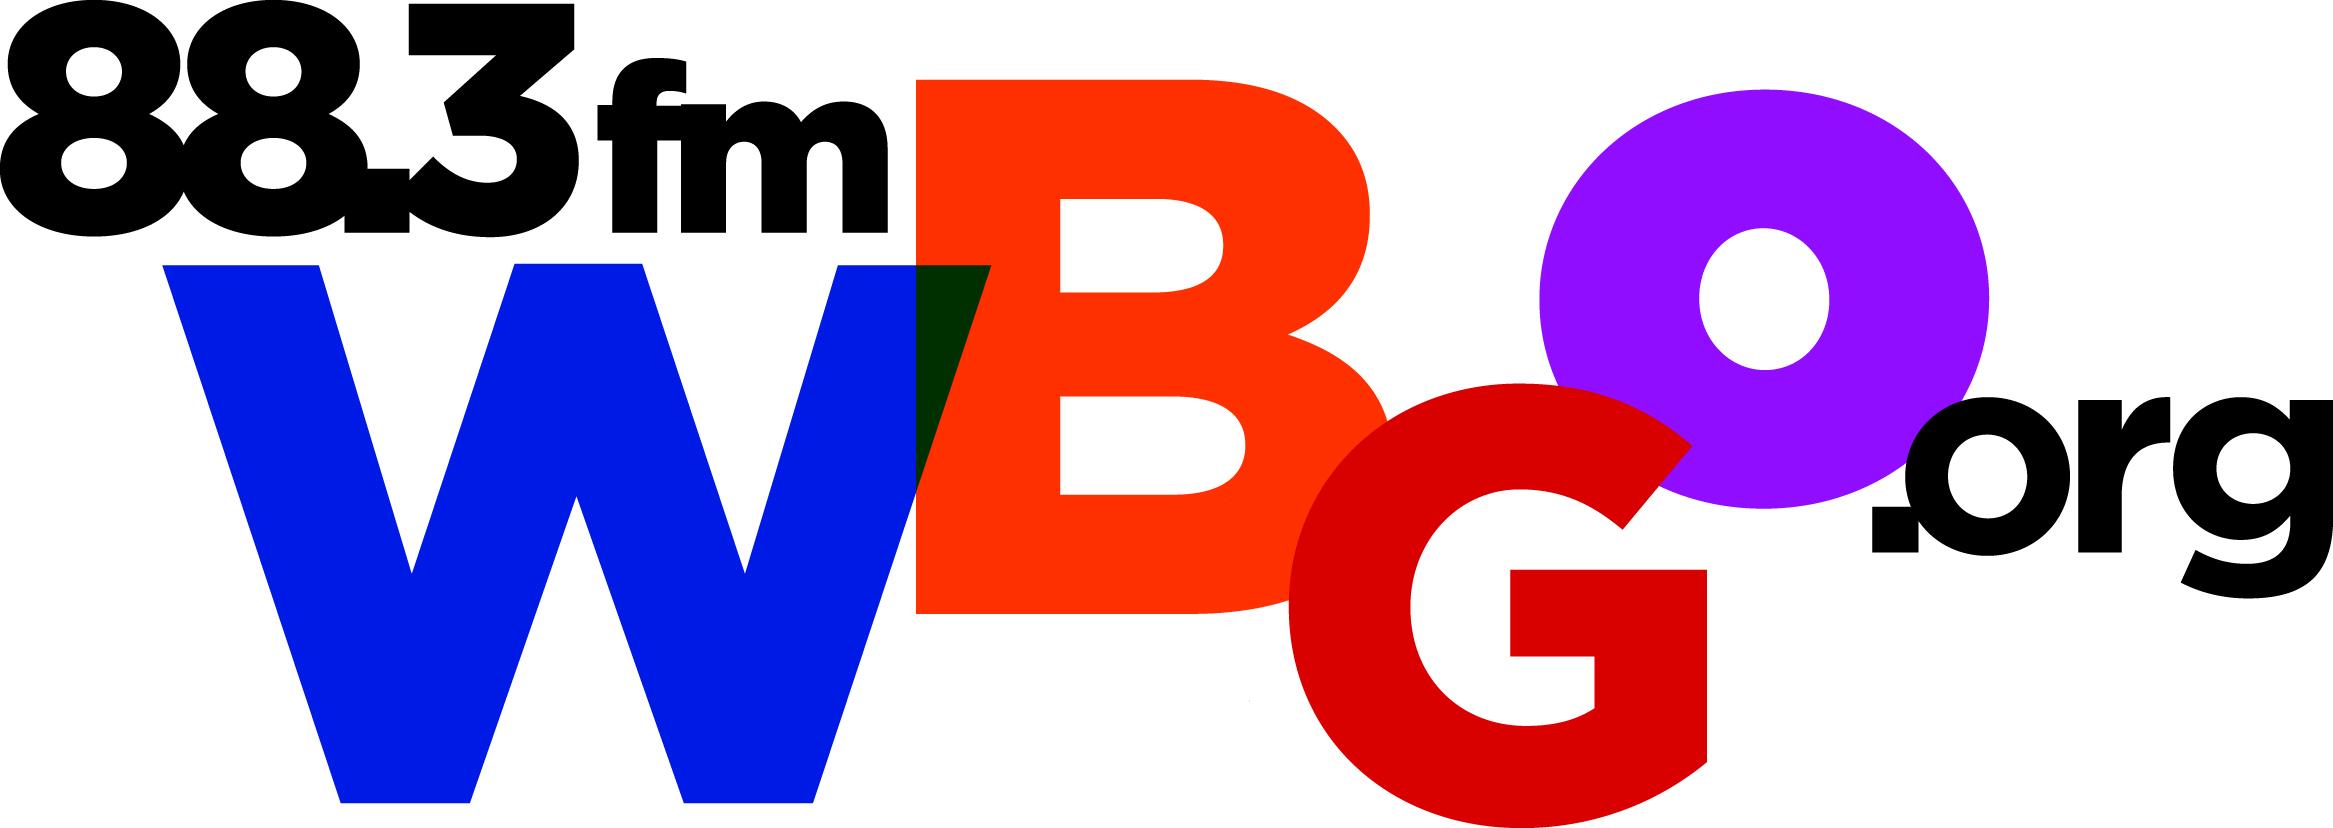 WBGO_primary_logo.jpg